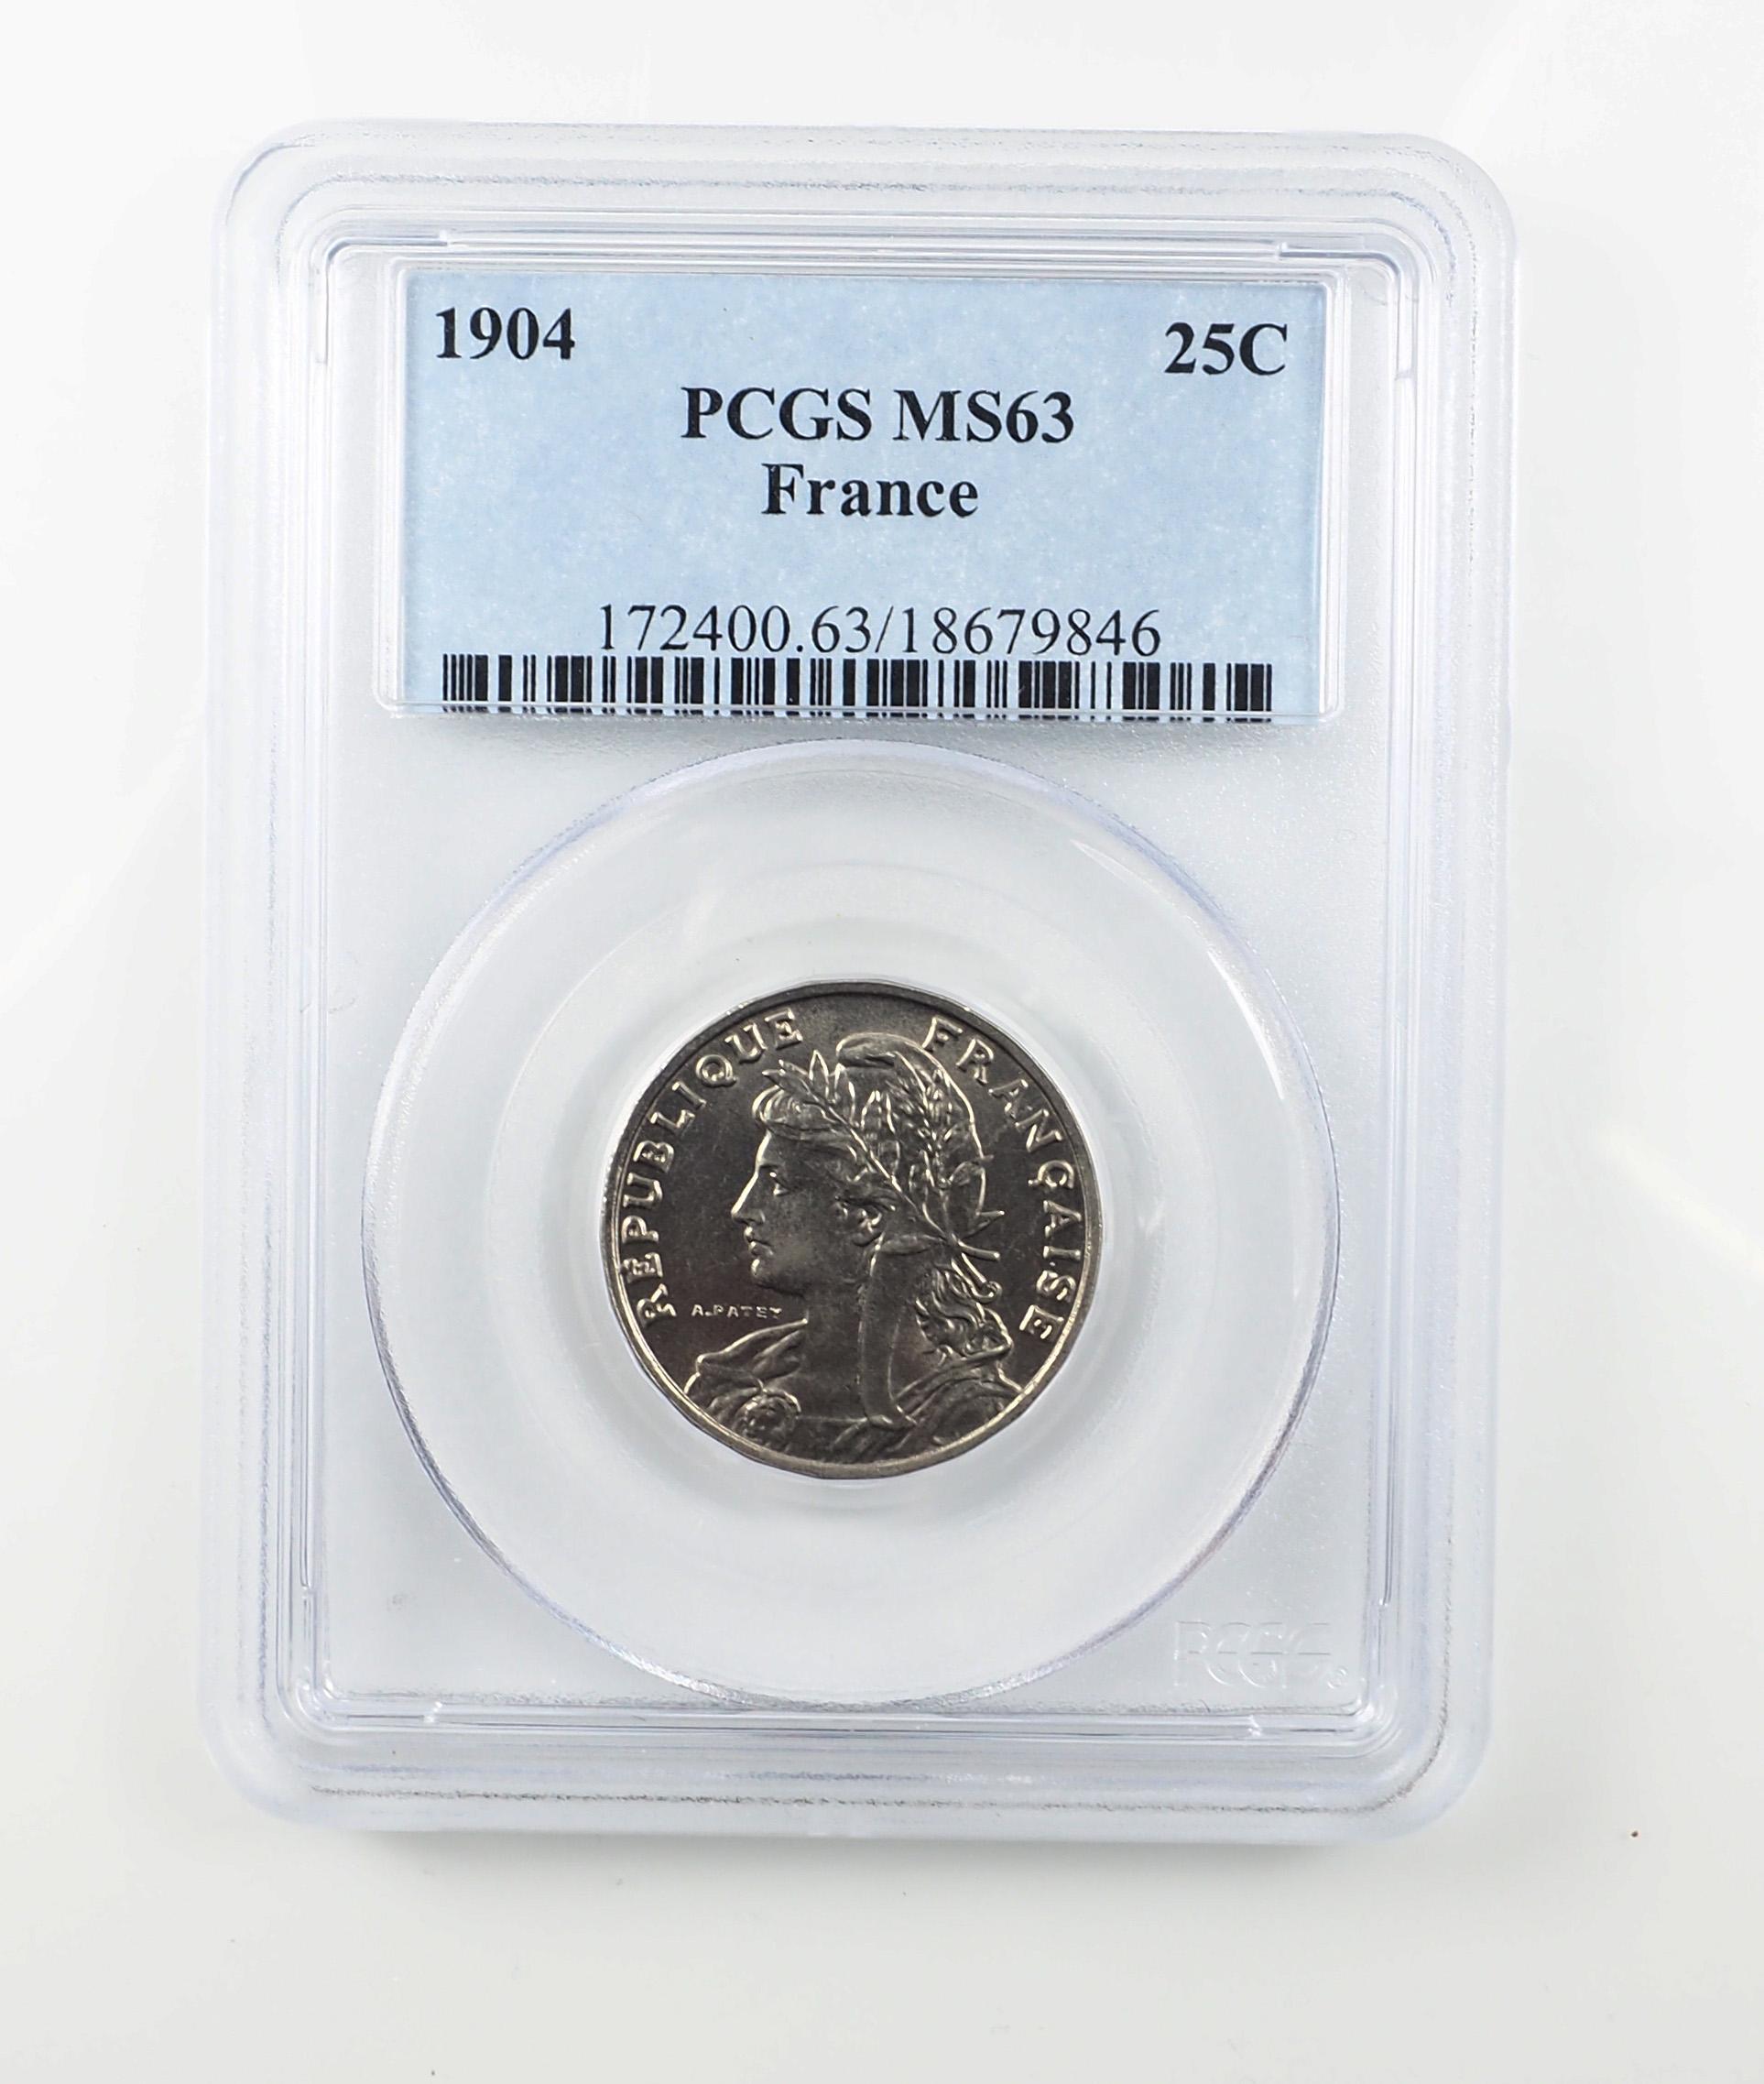 France, 25 Centimes 1904, Patey, Paris, Nickel, SPL, PCGS MS 63, Le Franc 169